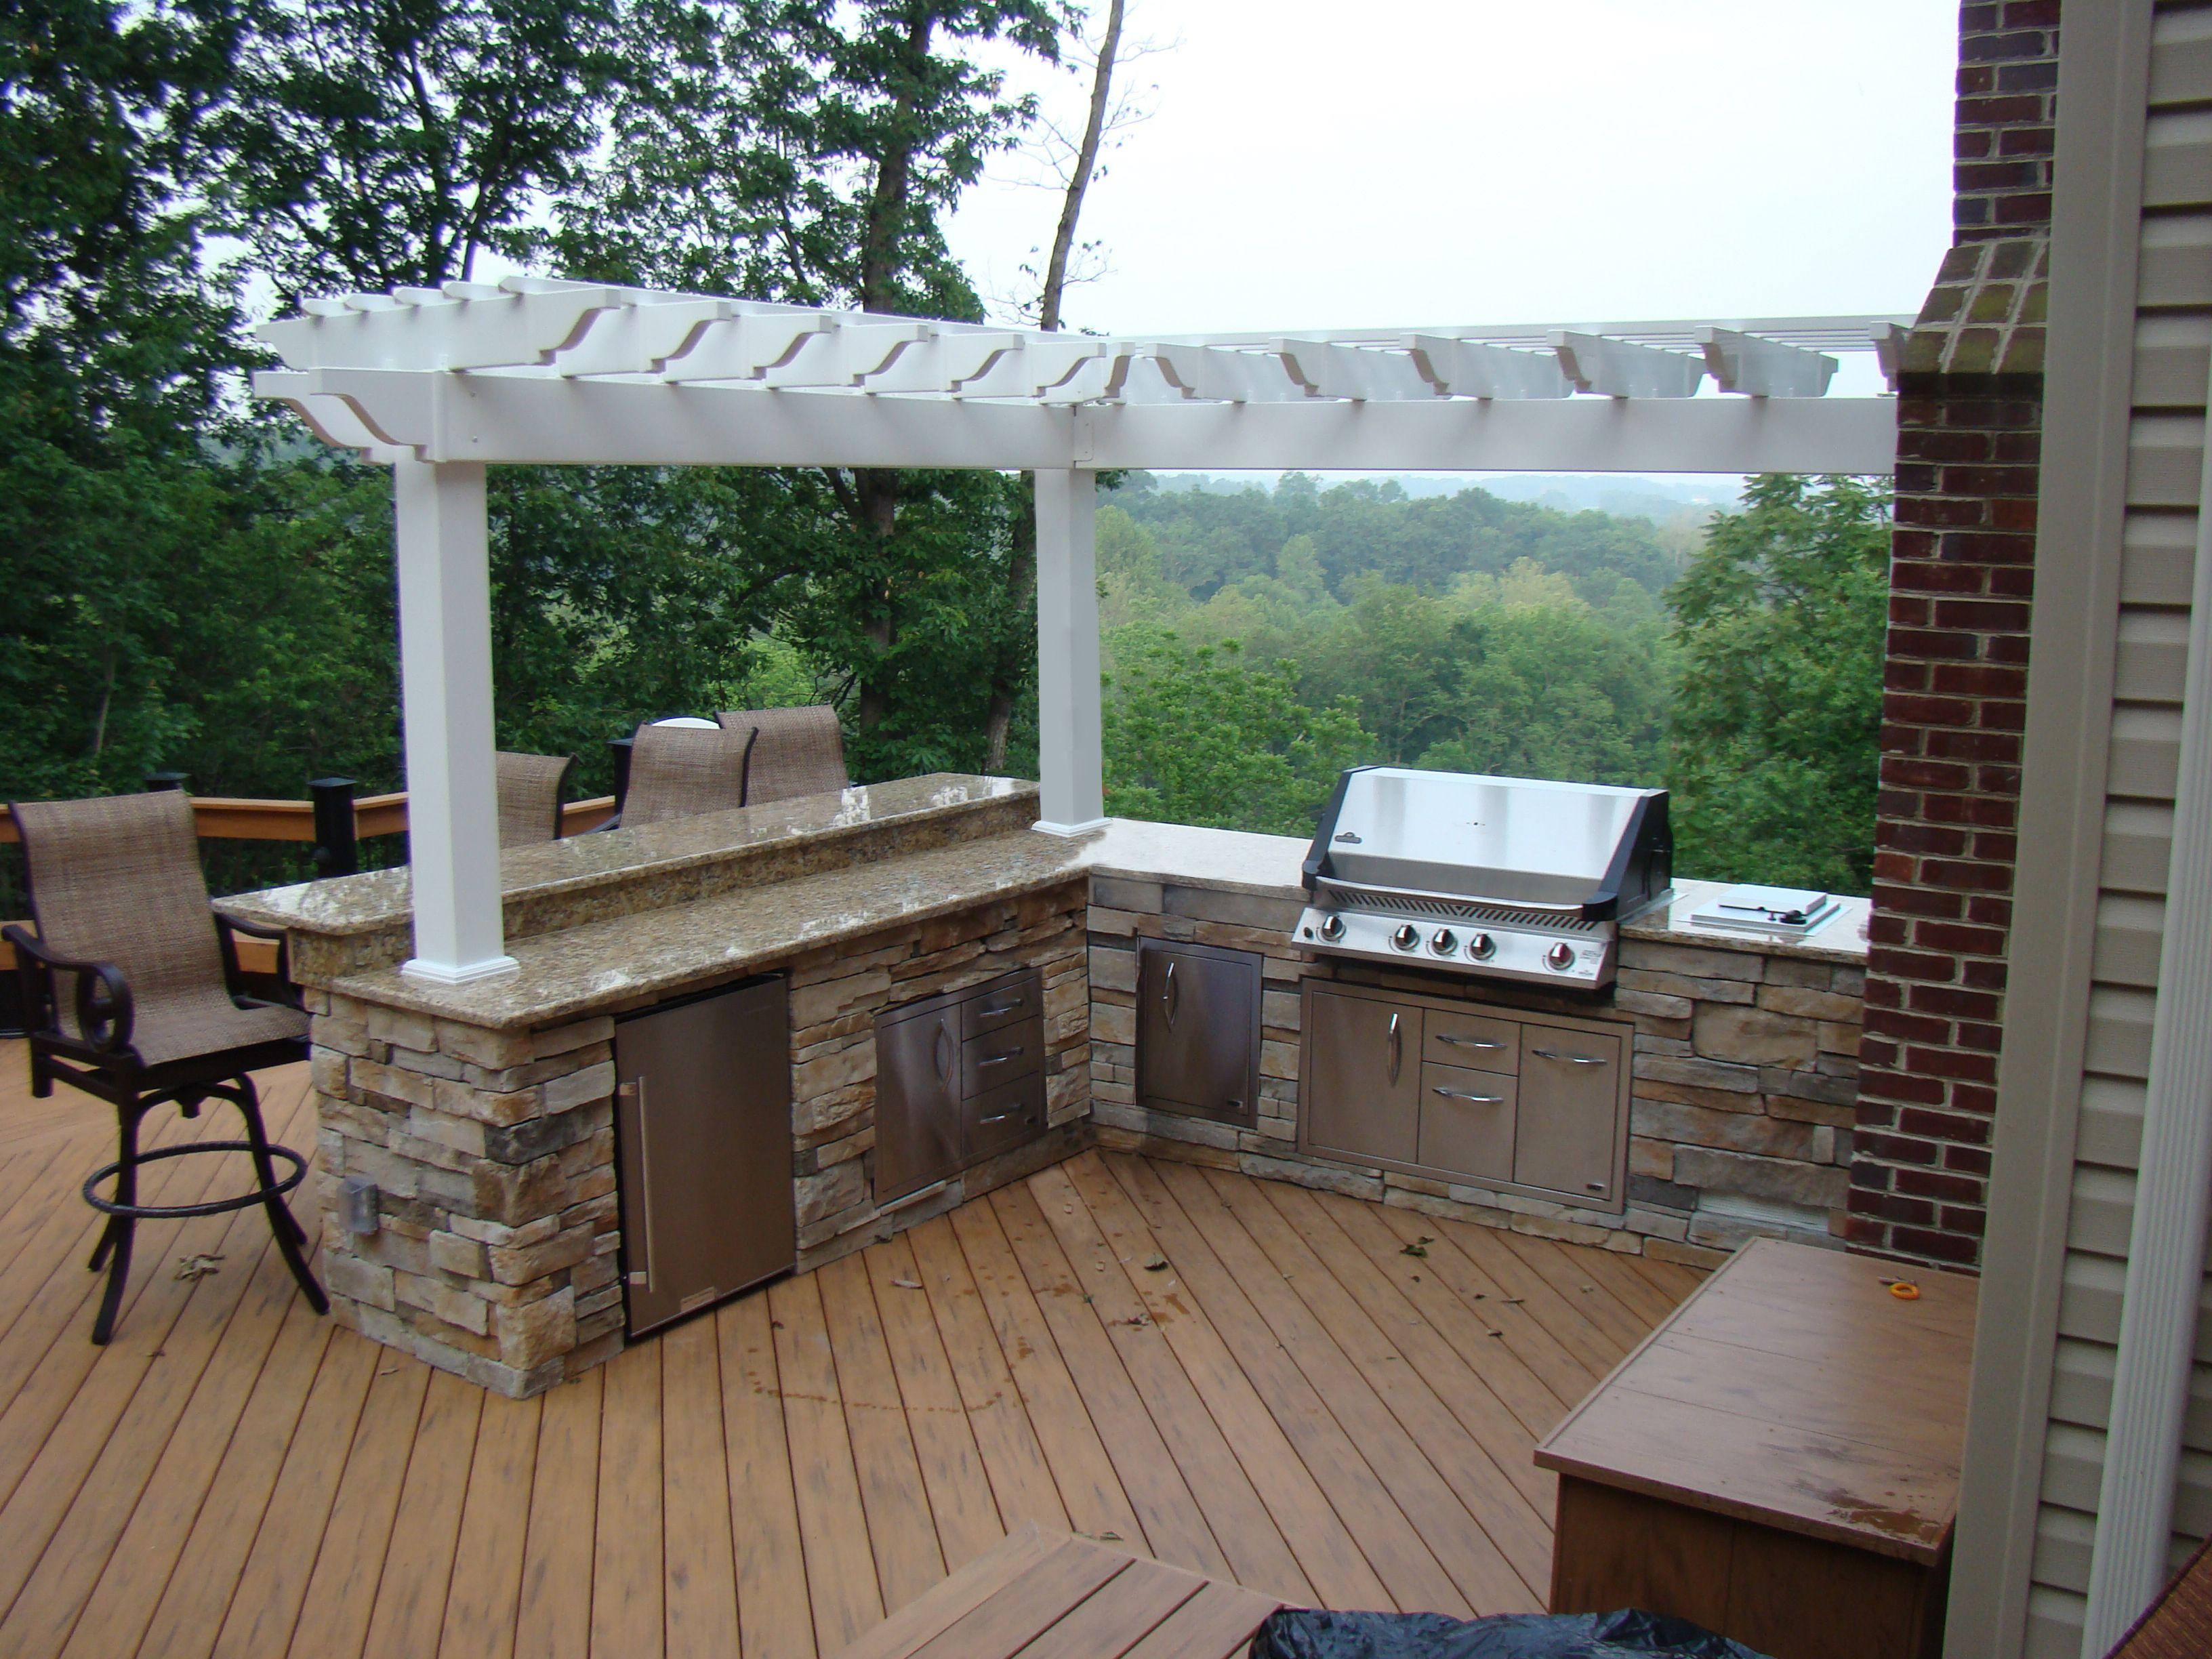 Custom Grill Builders Outdoor Kitchen Countertops Outdoor Kitchen Outdoor Kitchen Design